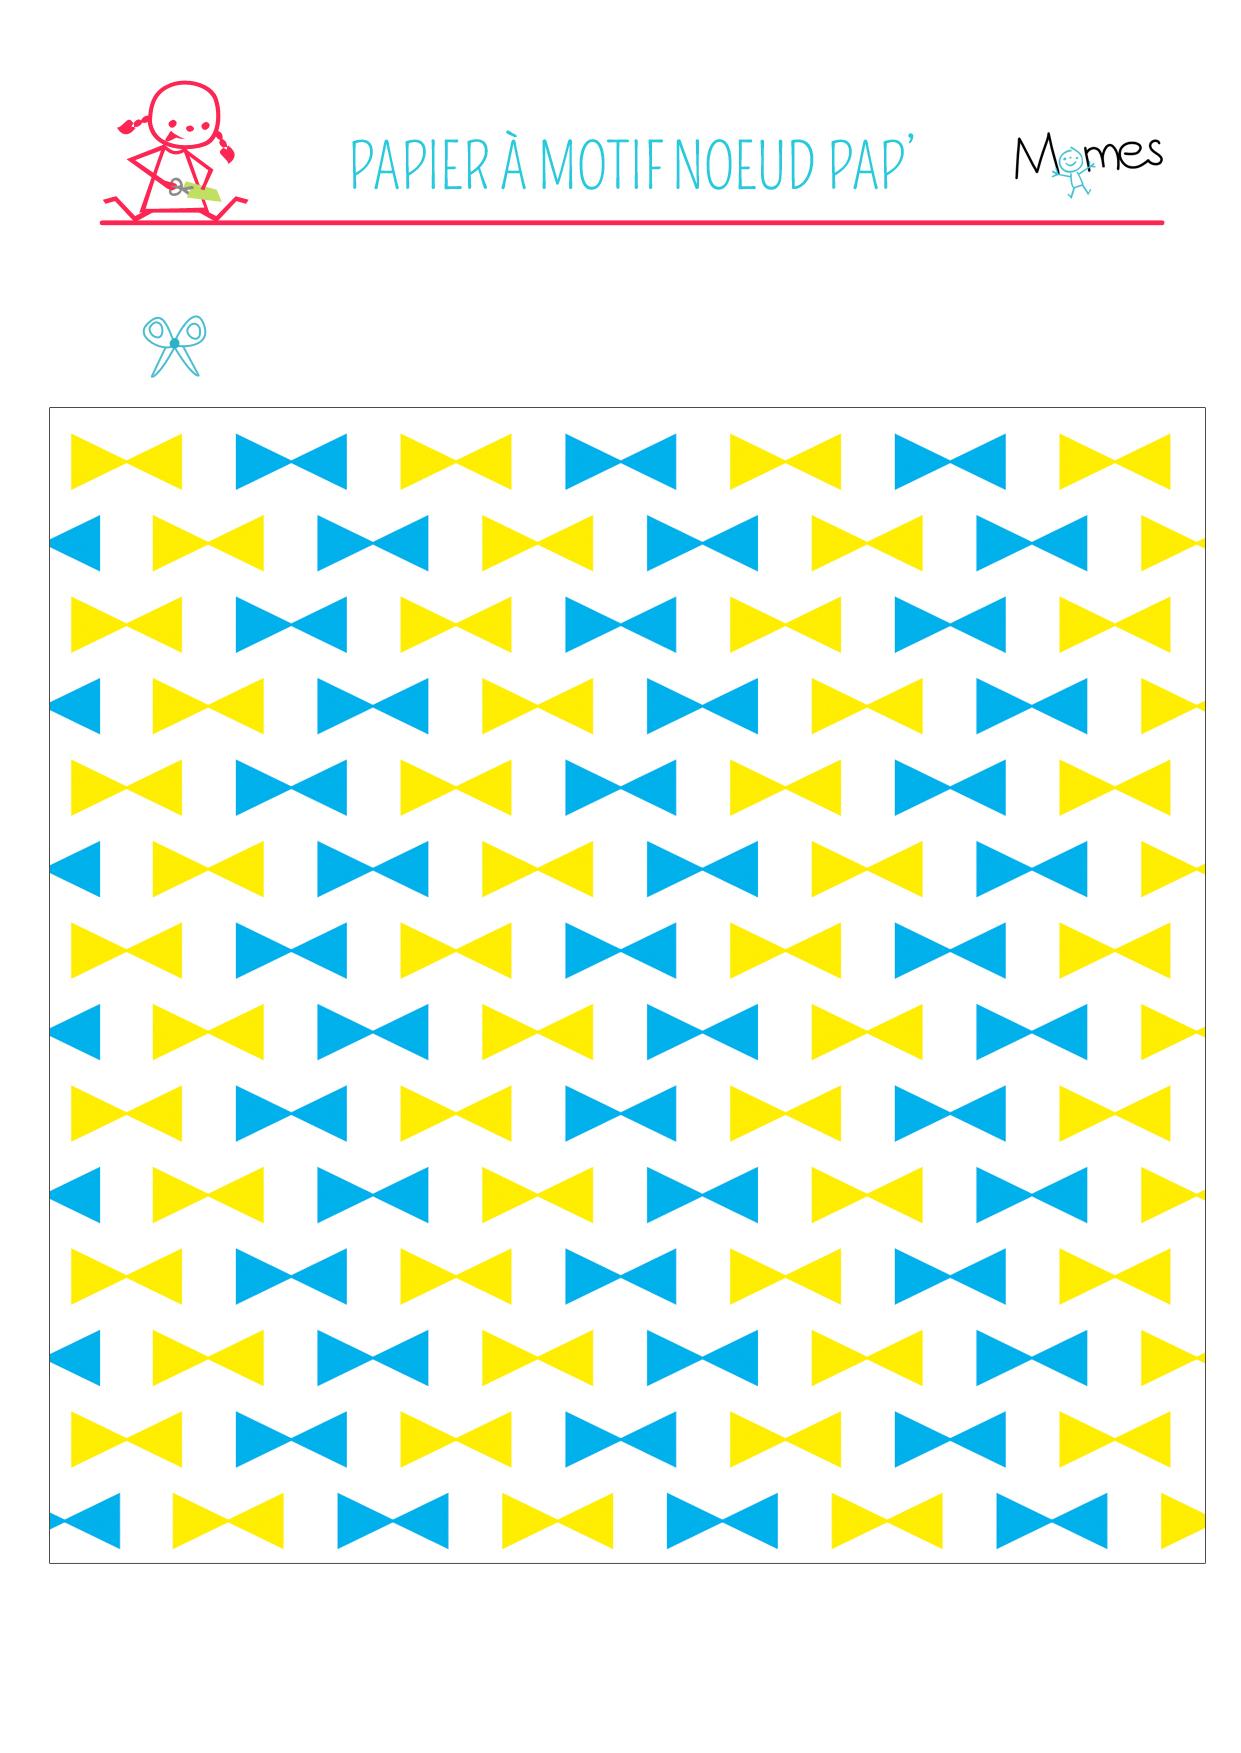 Papier motif noeuds papillon à imprimer